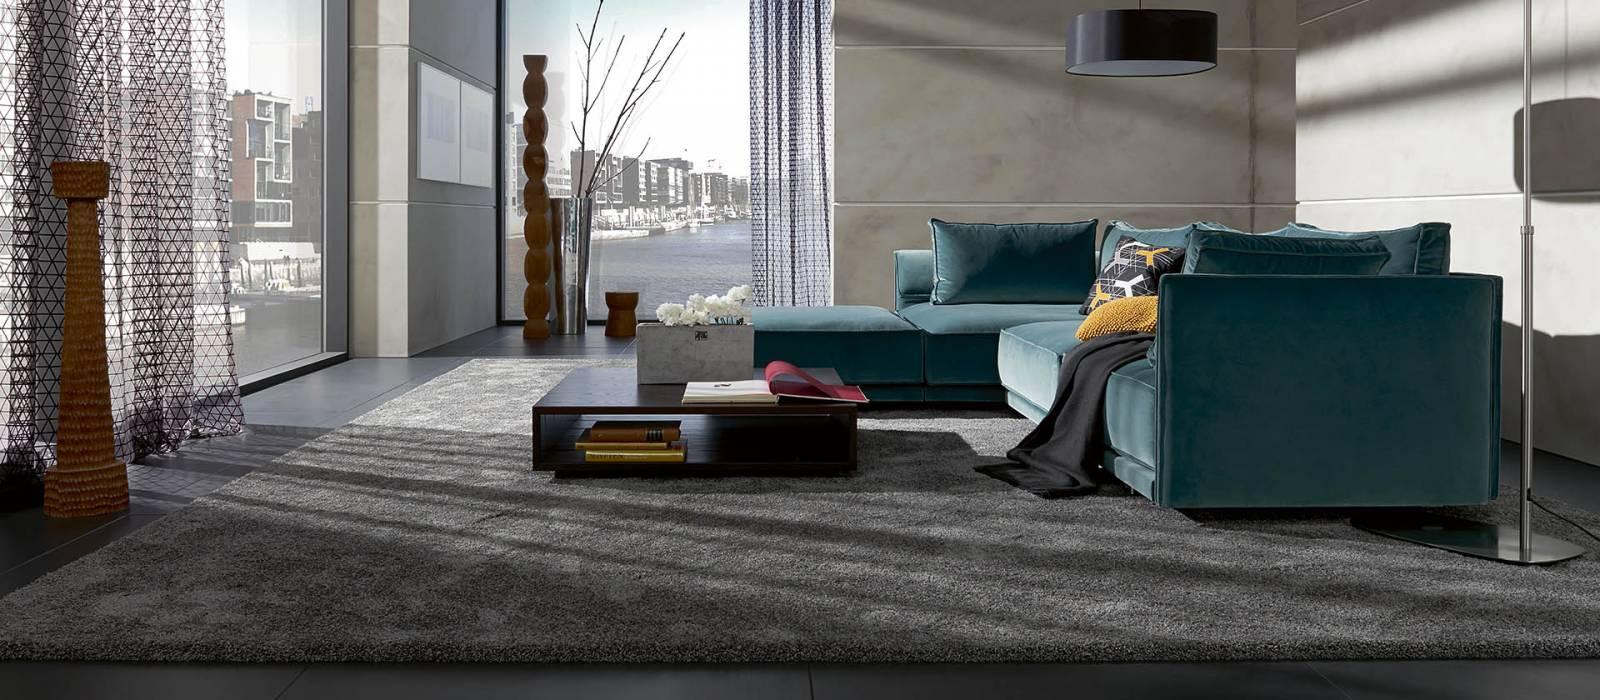 tapissier et dcorateur sur aix moquette et meubles - Moquette Haut De Gamme